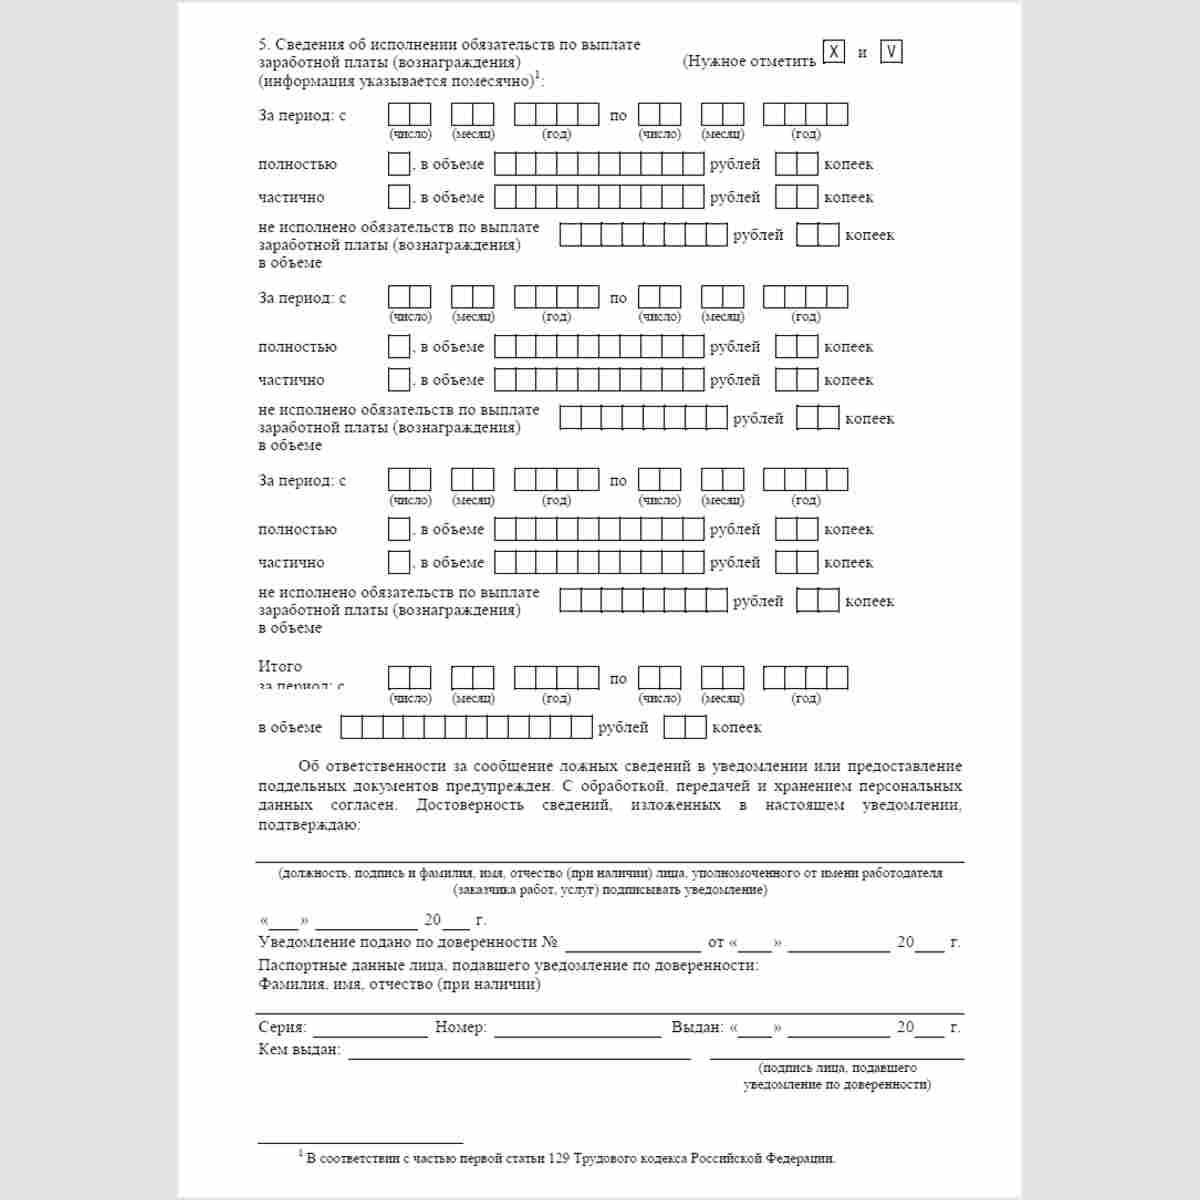 """Форма """"Уведомление об исполнении работодателями и заказчиками работ (услуг) обязательств по выплате заработной платы (вознаграждения) иностранному гражданину (лицу без гражданства) - высококвалифицированному специалисту"""". Стр. 3"""